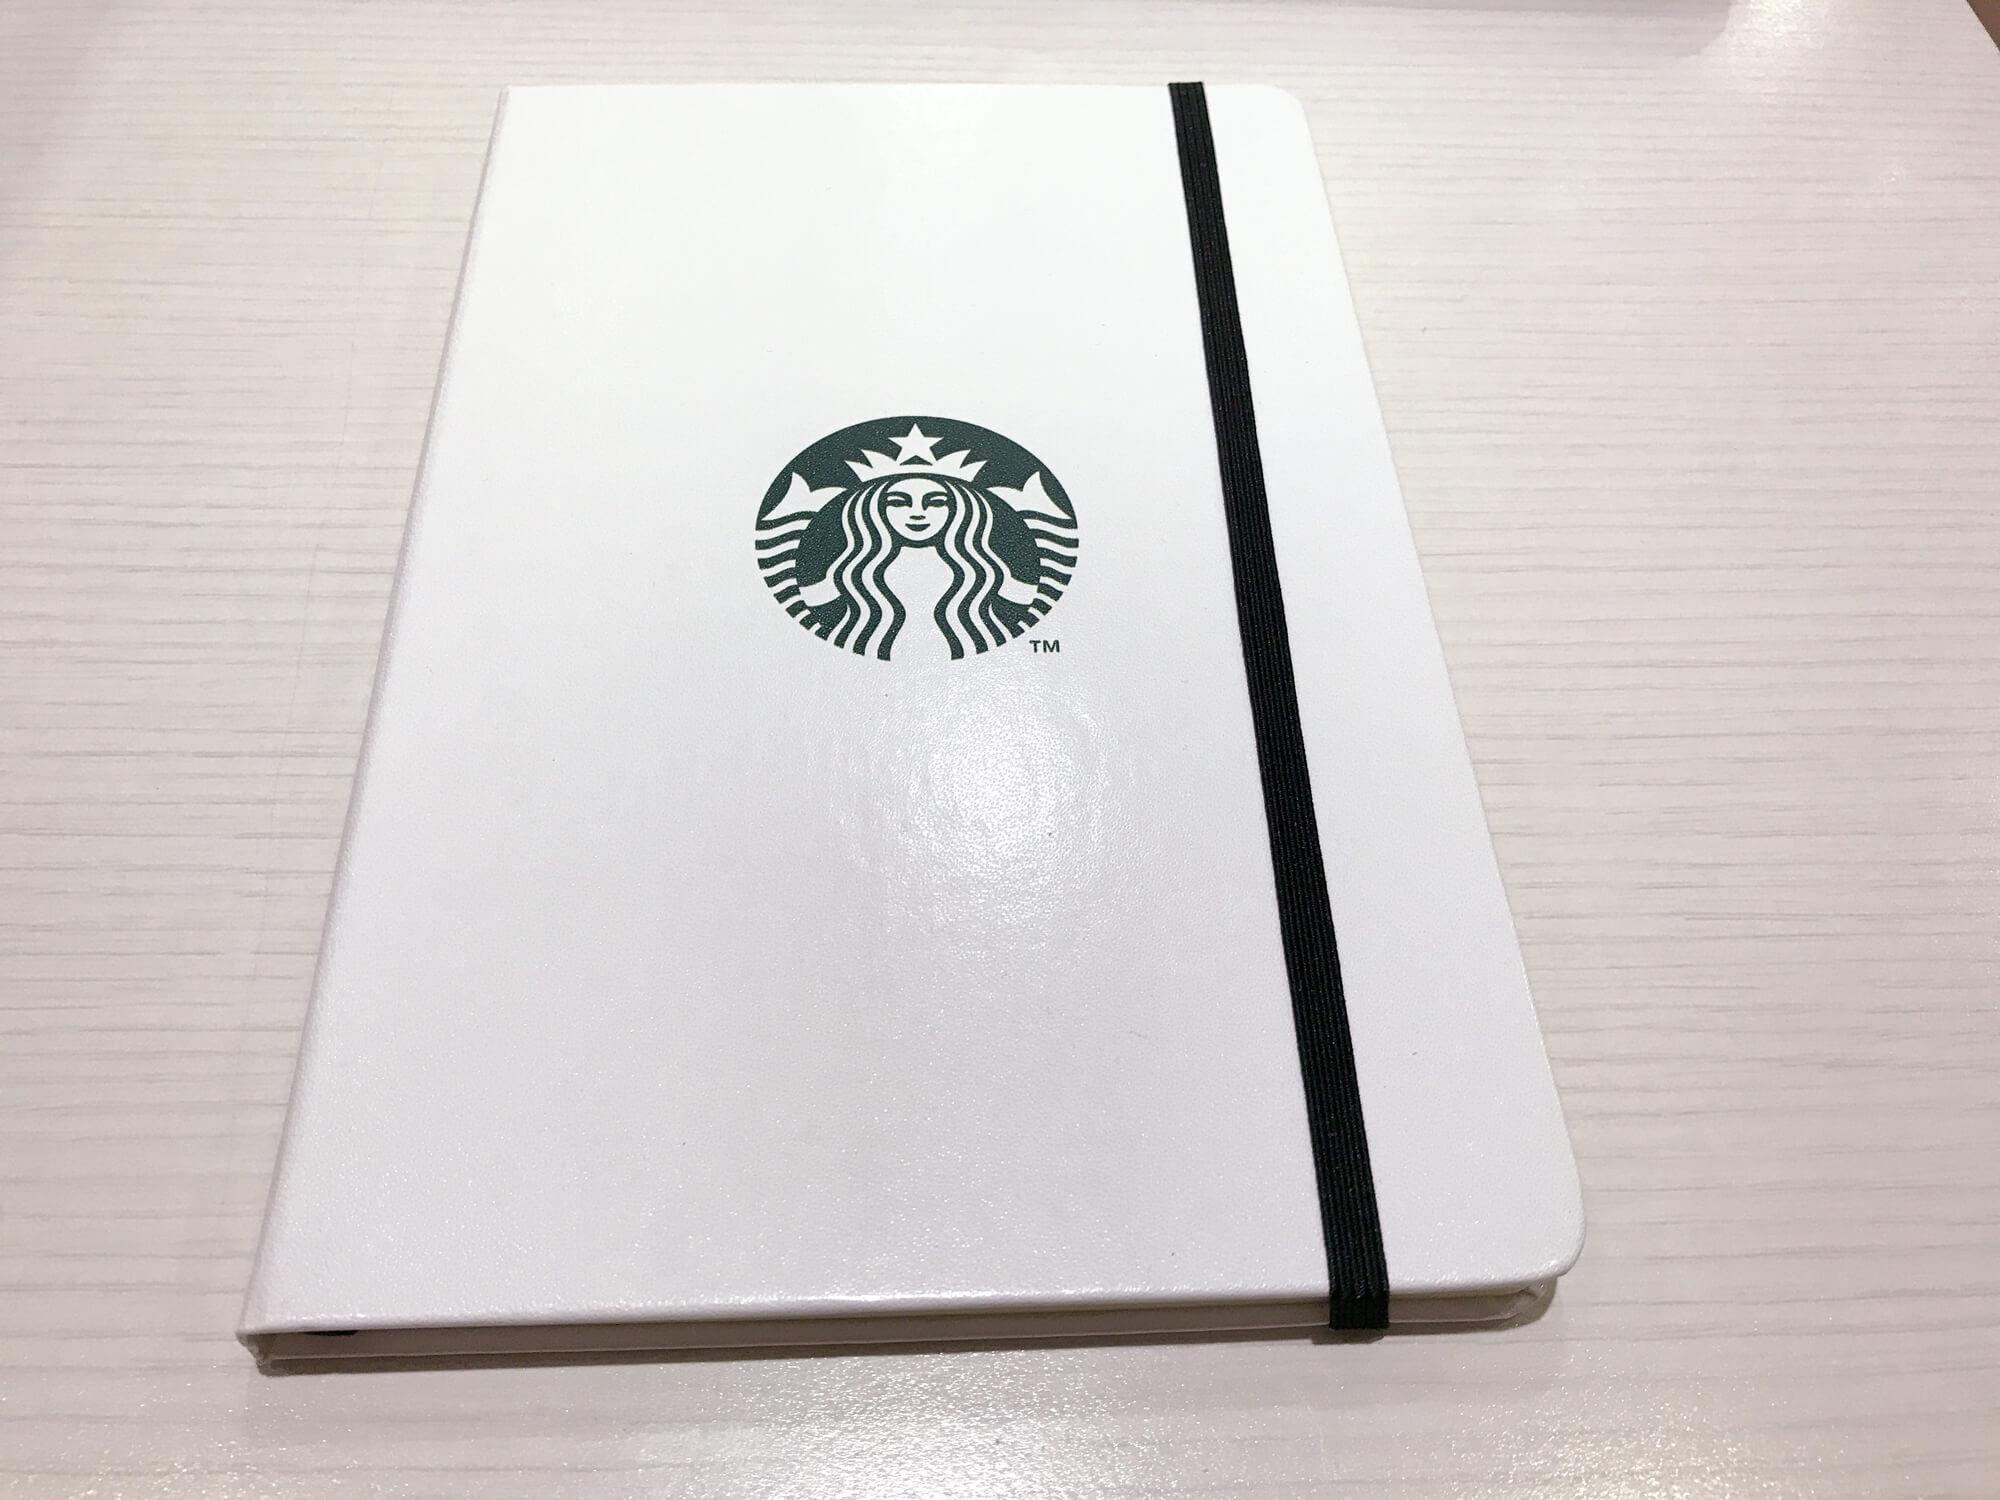 スターバックスのノートがついに公式から登場!「ジャーナルブックホワイト」がかわいすぎるー!